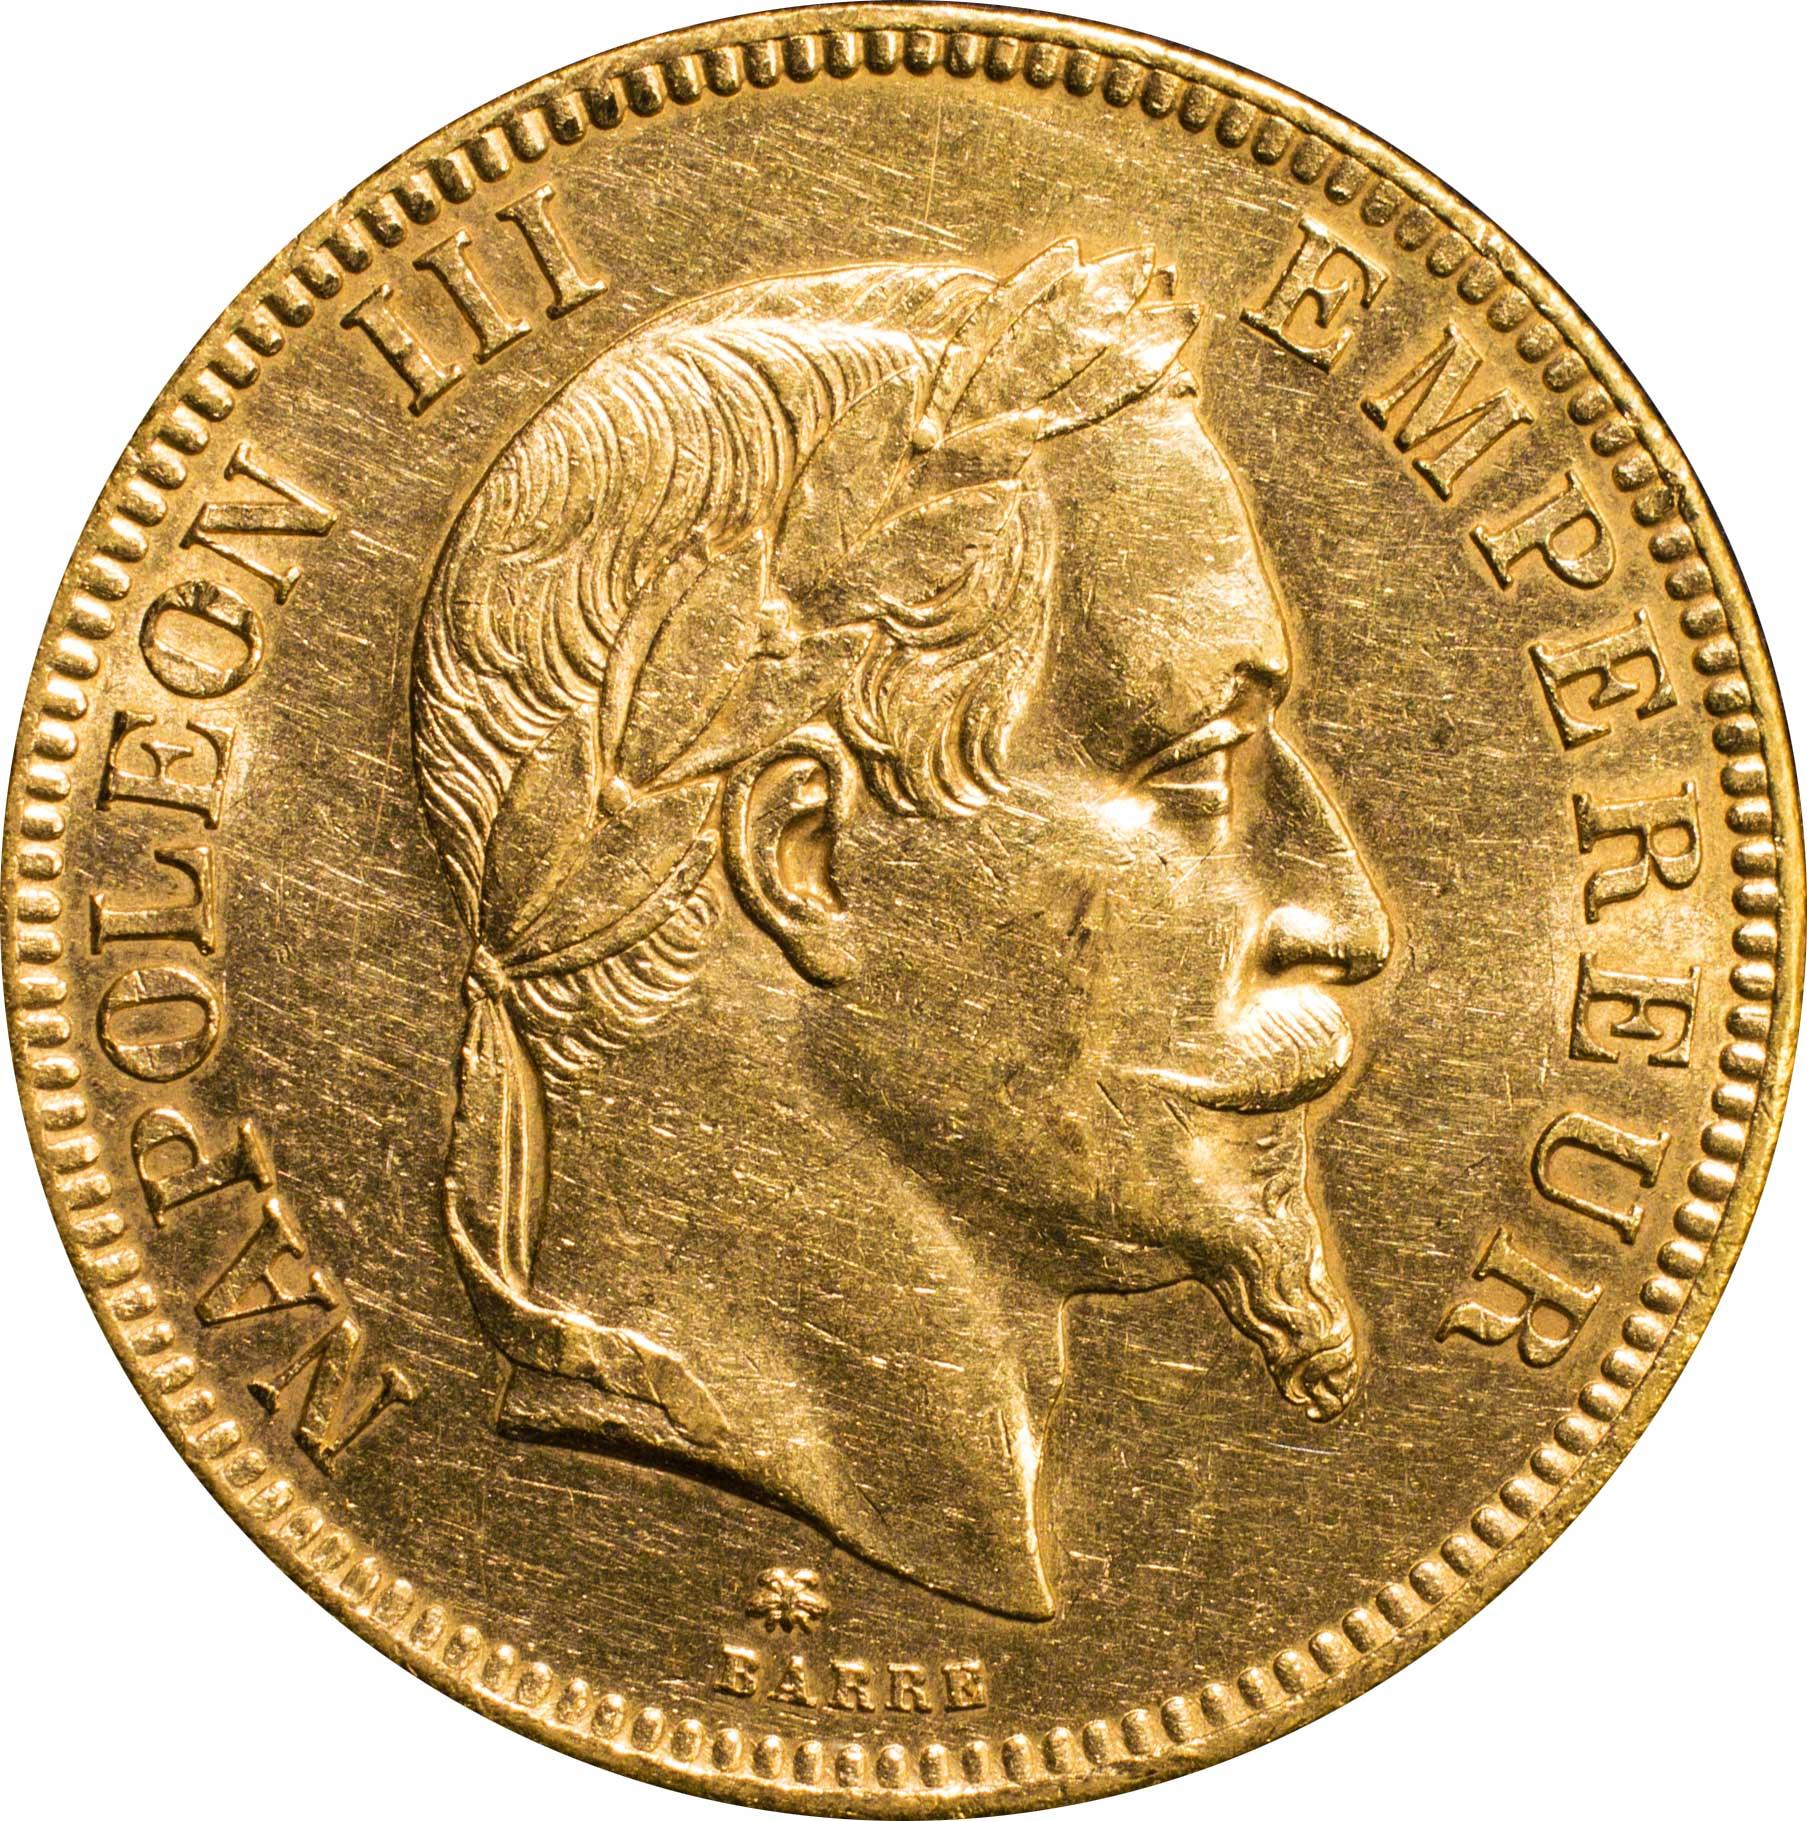 フランス ナポレオン3世 1852 1870 100フラン金貨 1862 a 月桂冠像